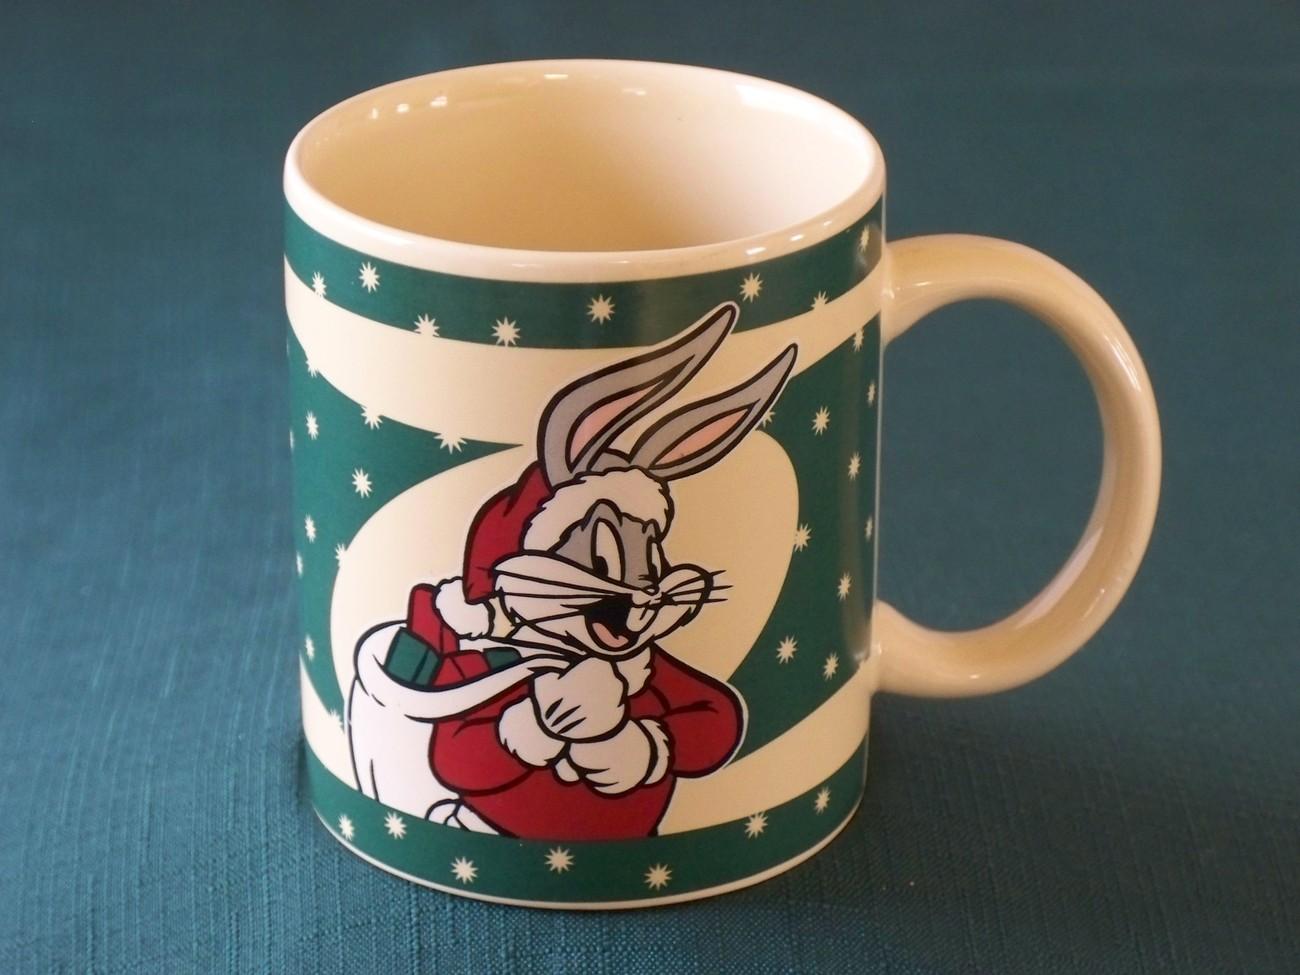 Bugs Bunny Christmas Santa Coffee Mug 1994 Very Good